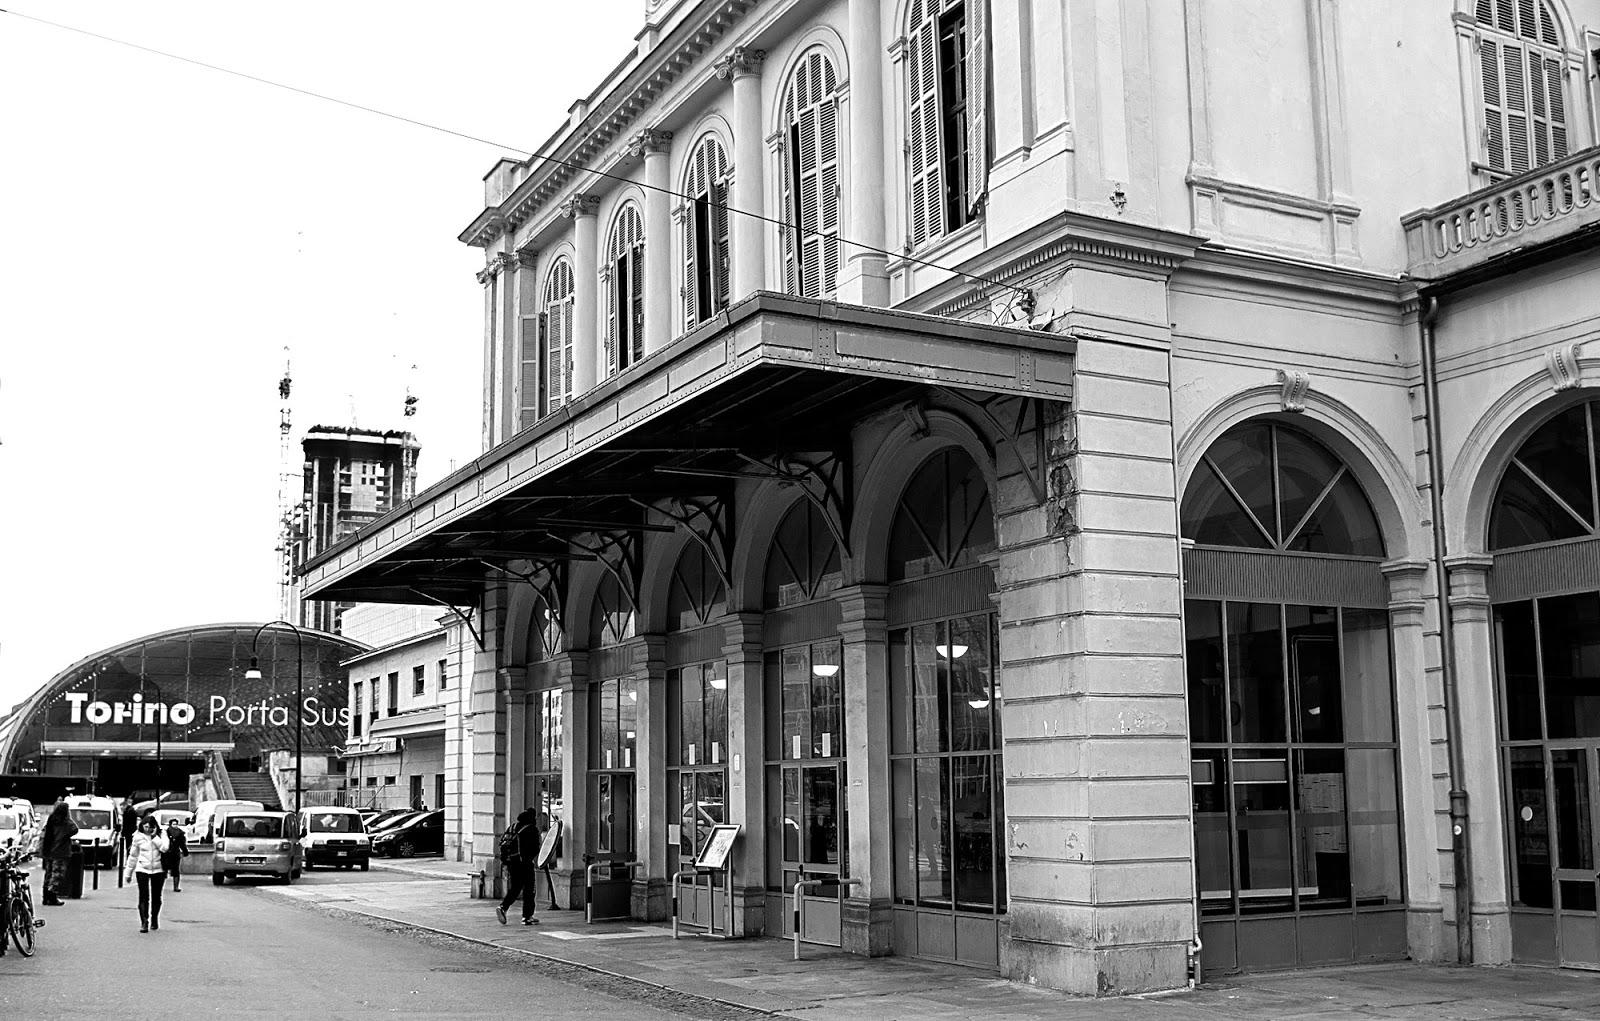 Stazione di porta susa fotografia - Porta susa stazione ...